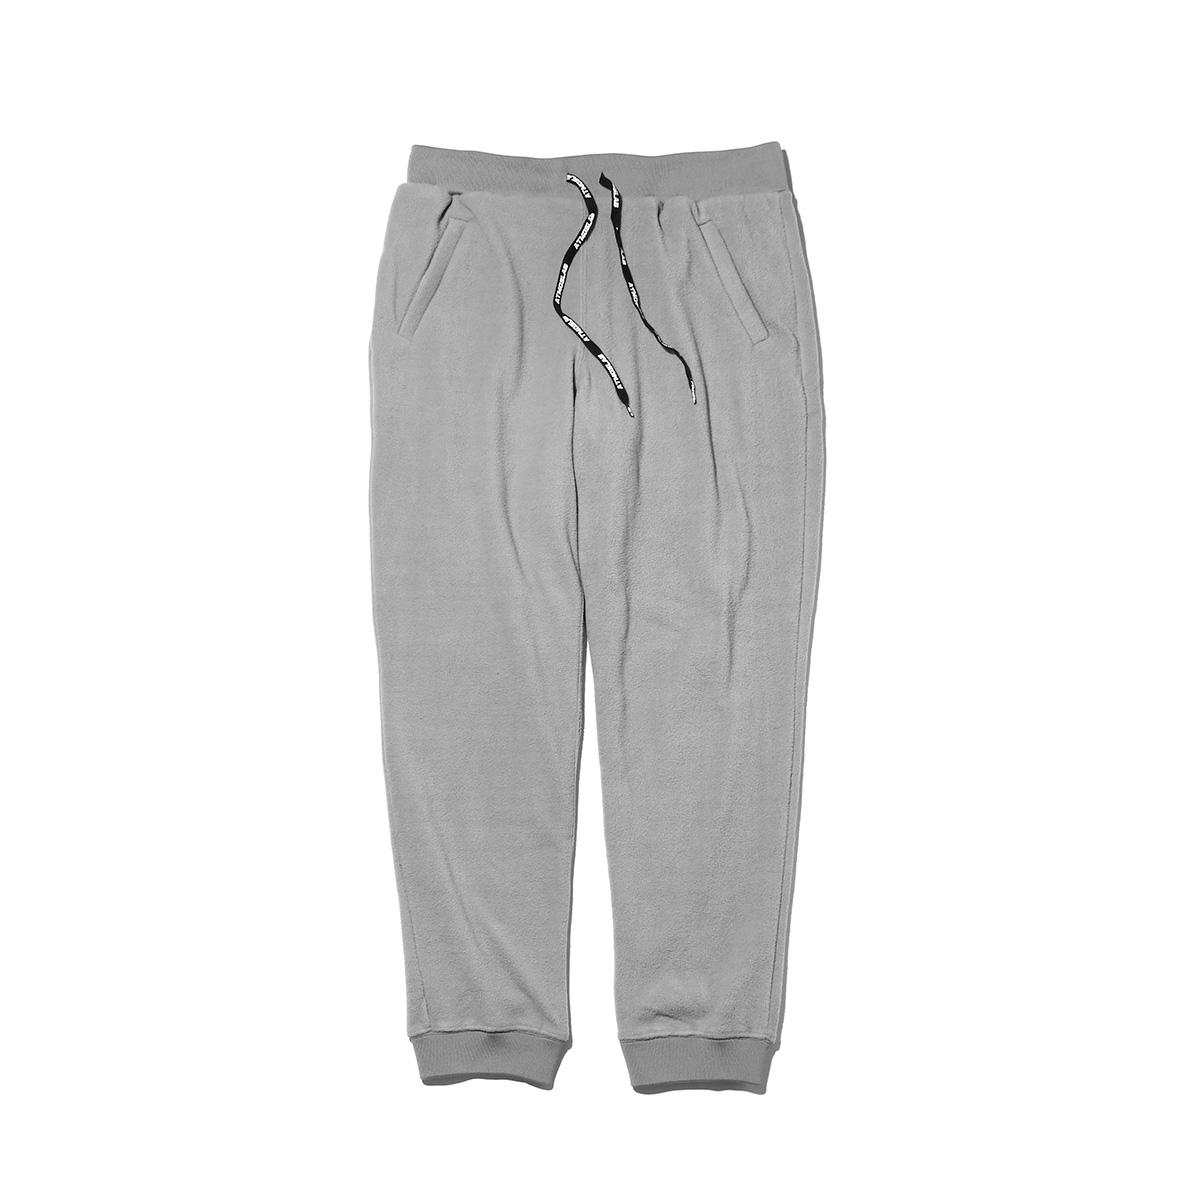 ATMOS LAB FLEECE PANTS (アトモスラボ フリース パンツ) GRAY【メンズ パンツ】18FW-I